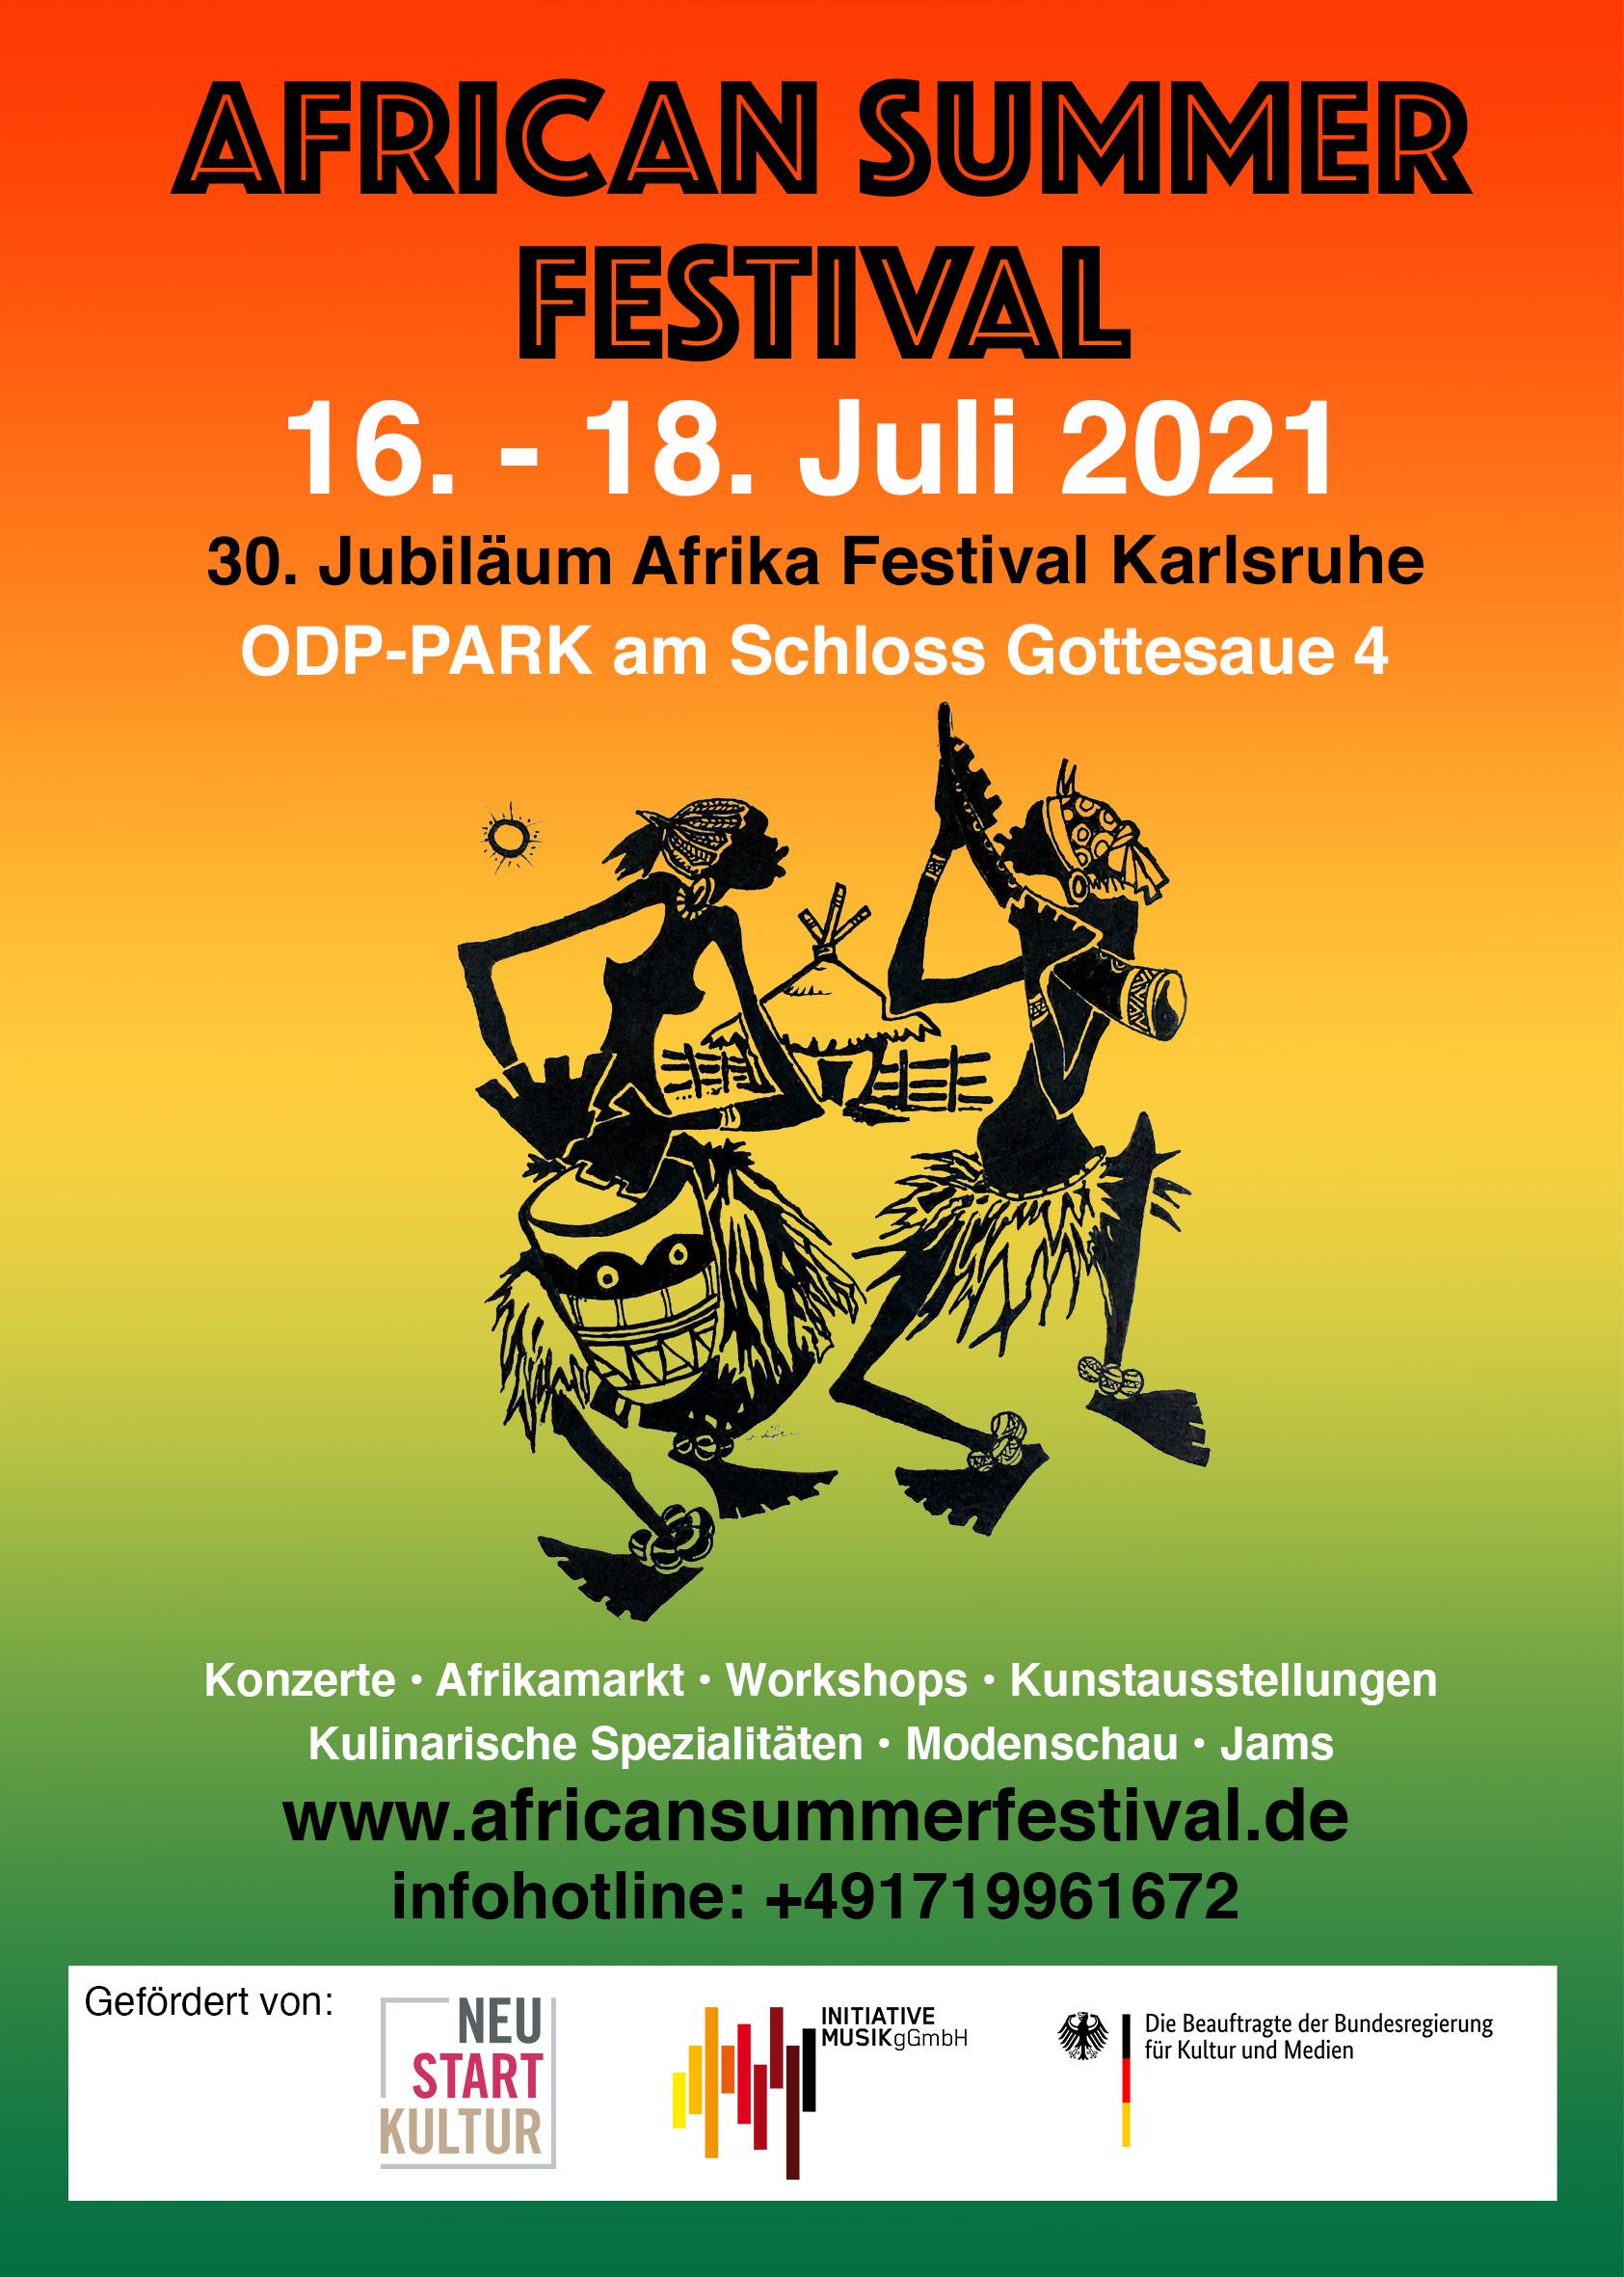 Stammzellspender werden beim African Summer Festival